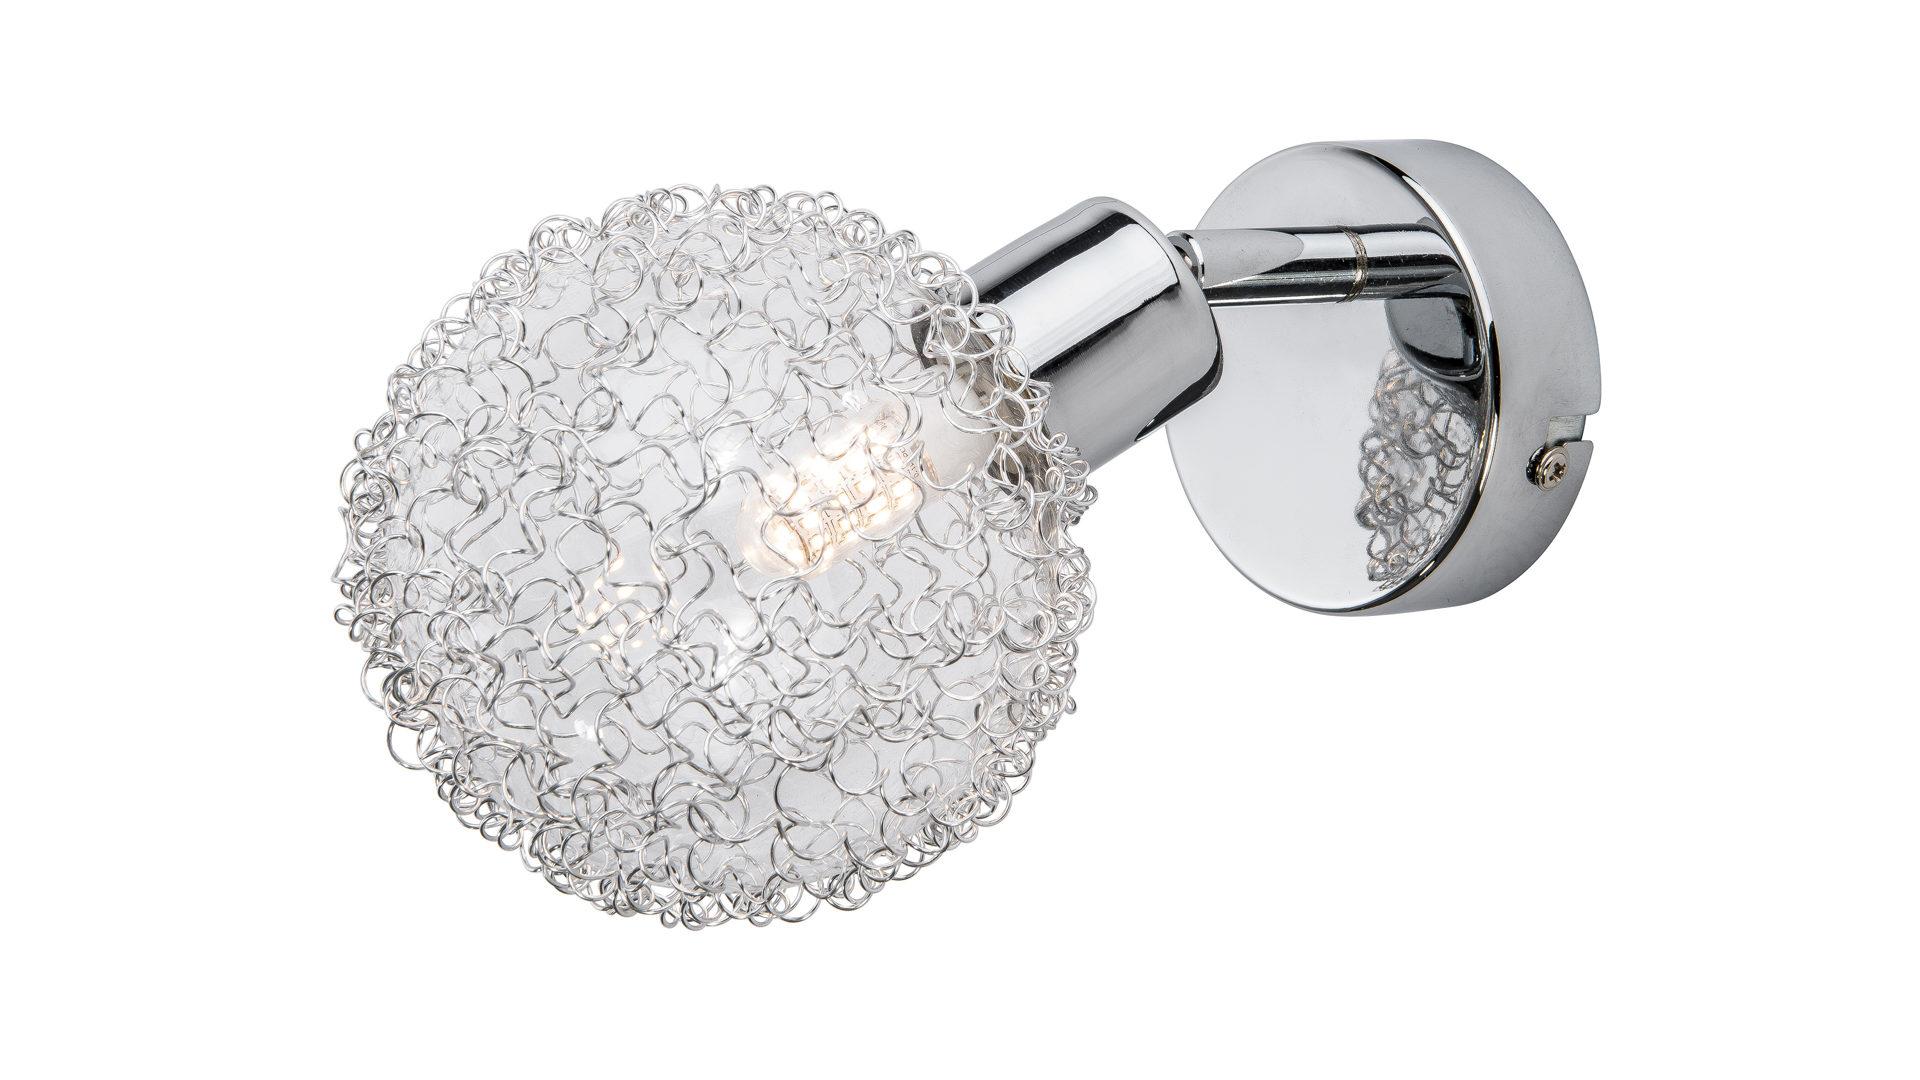 LED Spotleuchte Ryder, verchromtes Metall & Glas mit Drahtgeflecht ...